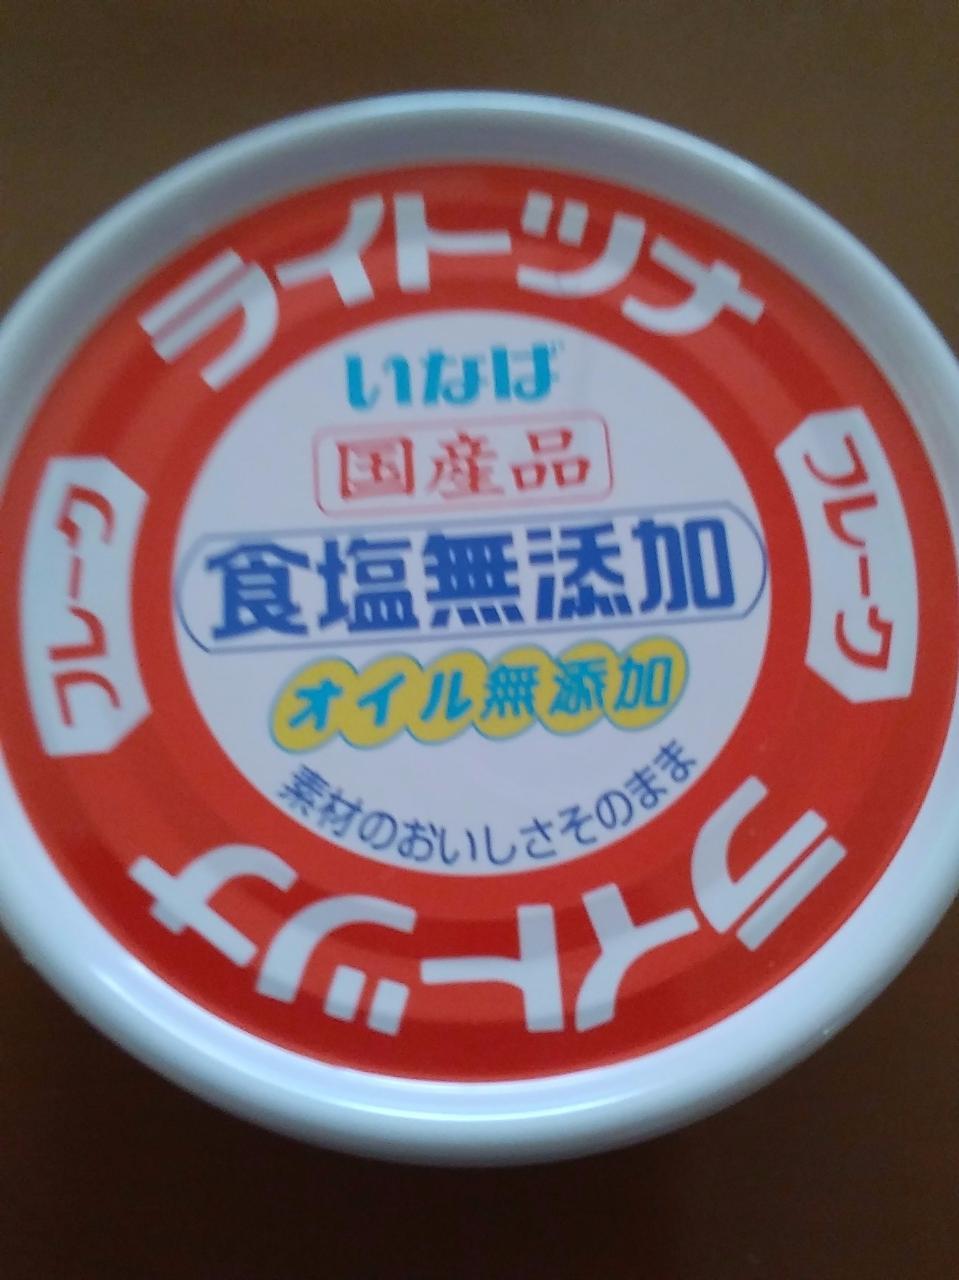 いなば 国産品 食塩無添加 オイル無添加 ライトツナ